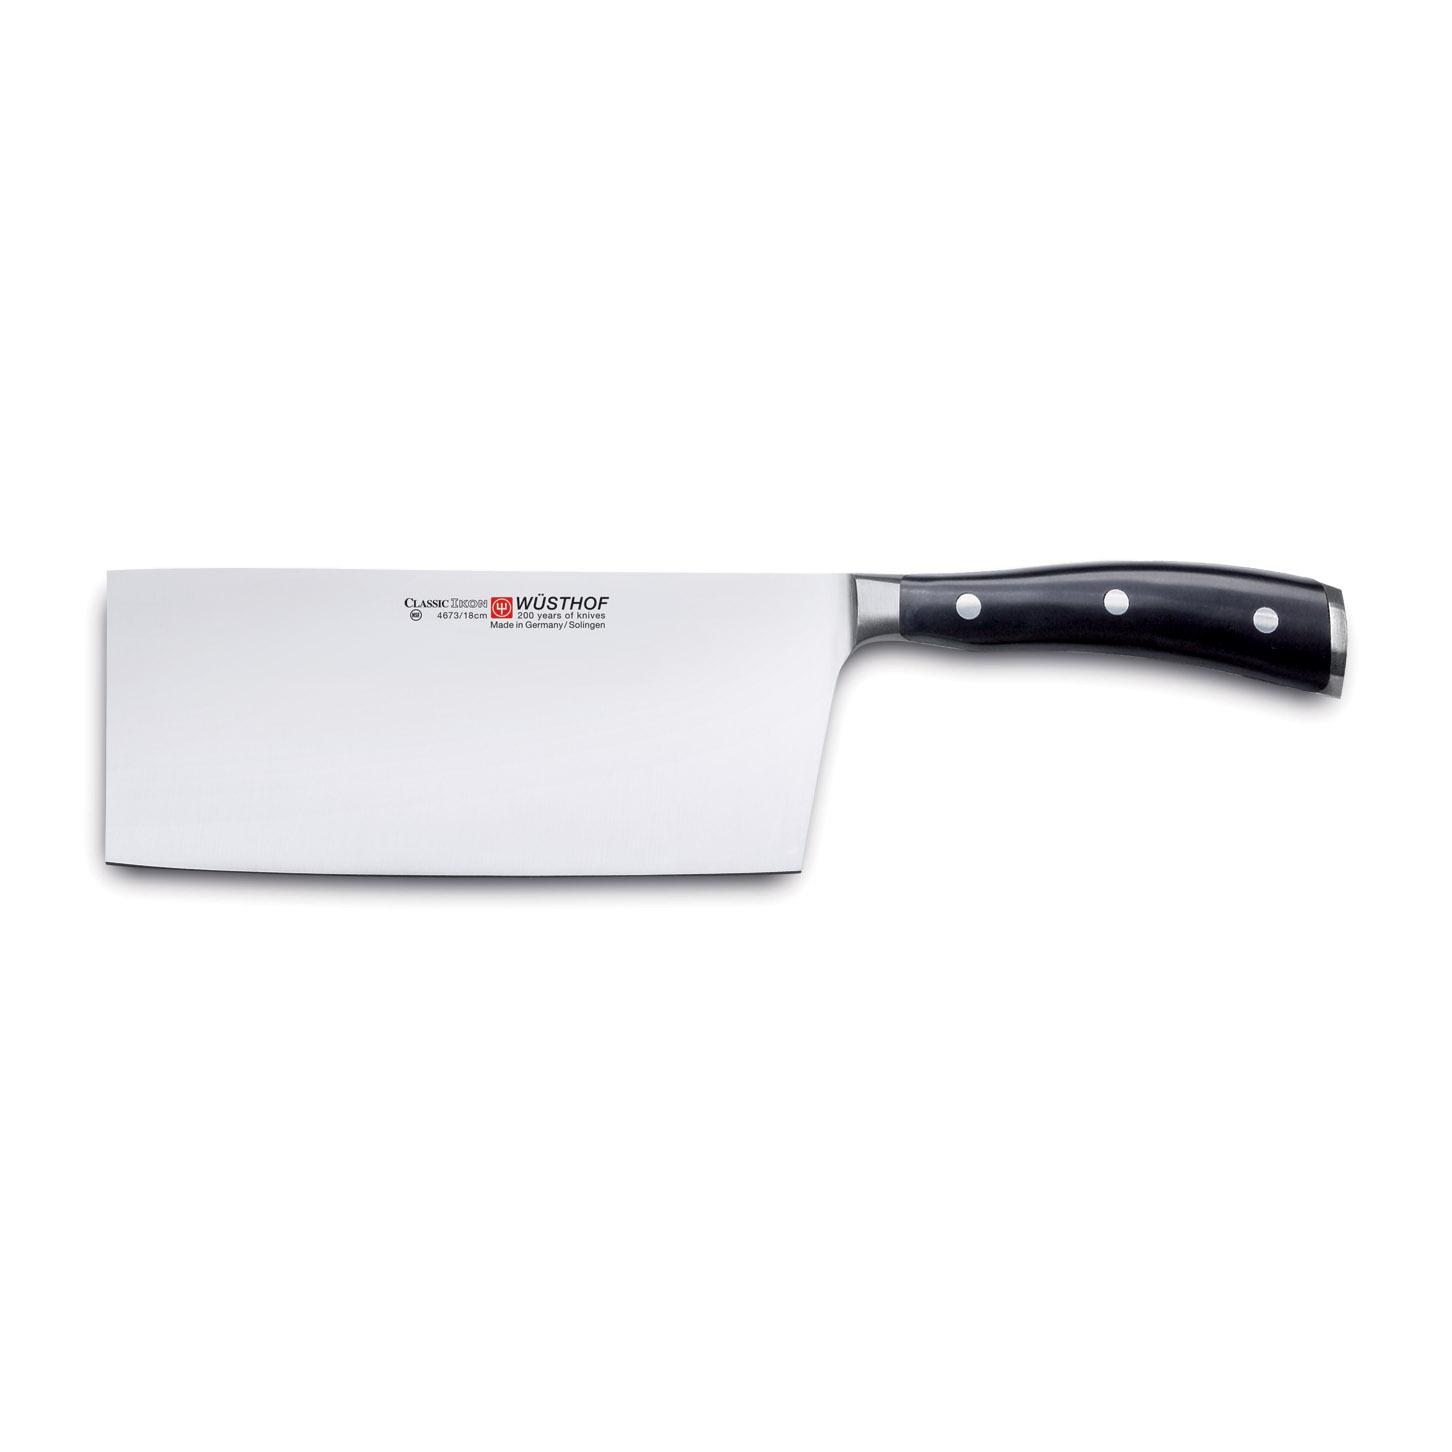 Čínský kuchařský nůž 18 cm Classic Ikon WÜSTHOF